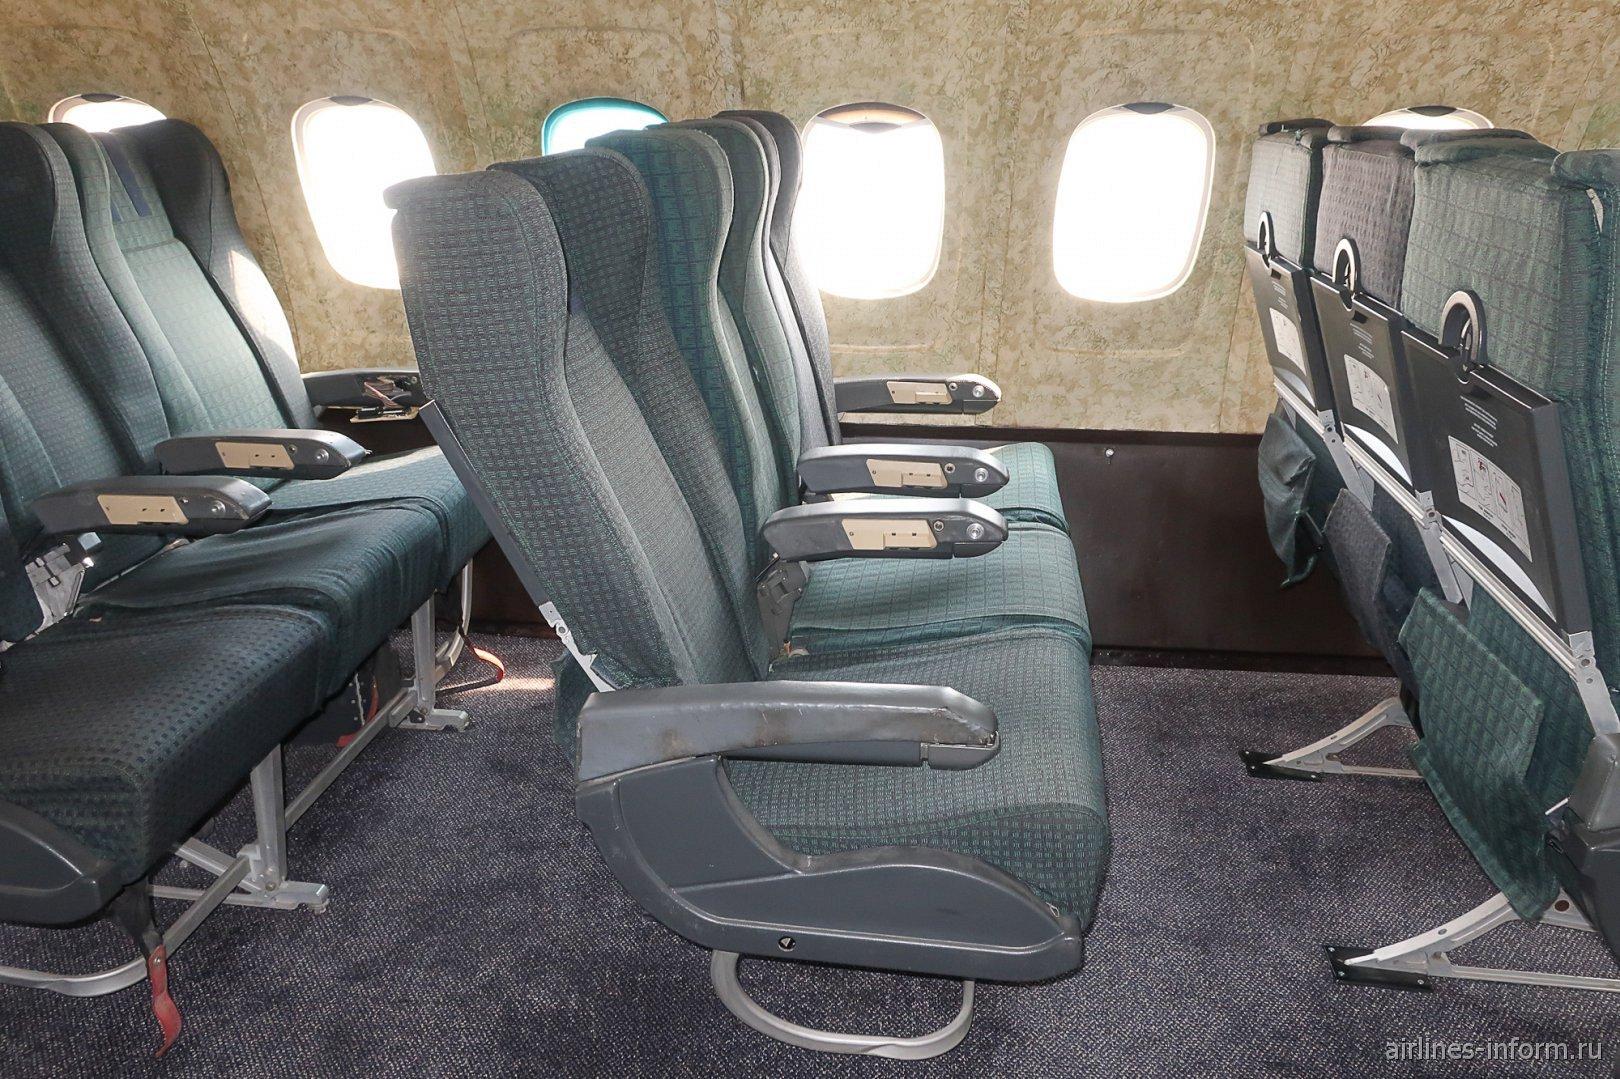 Пассажирские кресла в самолете Ту-154Б-2 болгарской авиакомпании